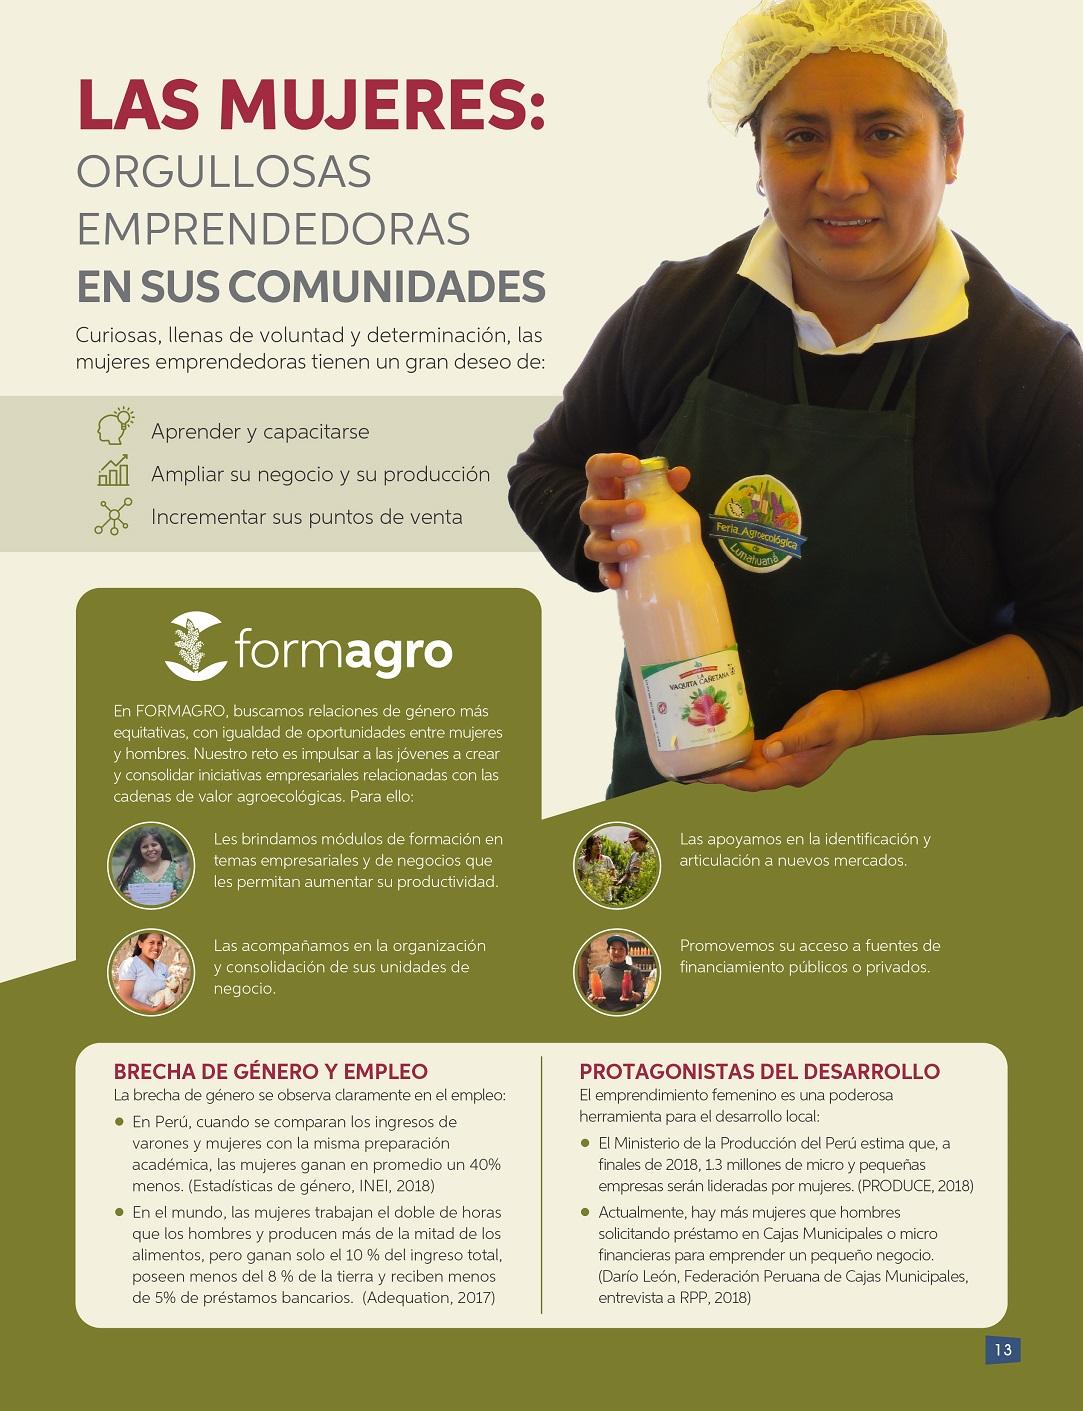 Las Mujeres Orgullosas Emprendedoras En Sus Comunidades Formagro